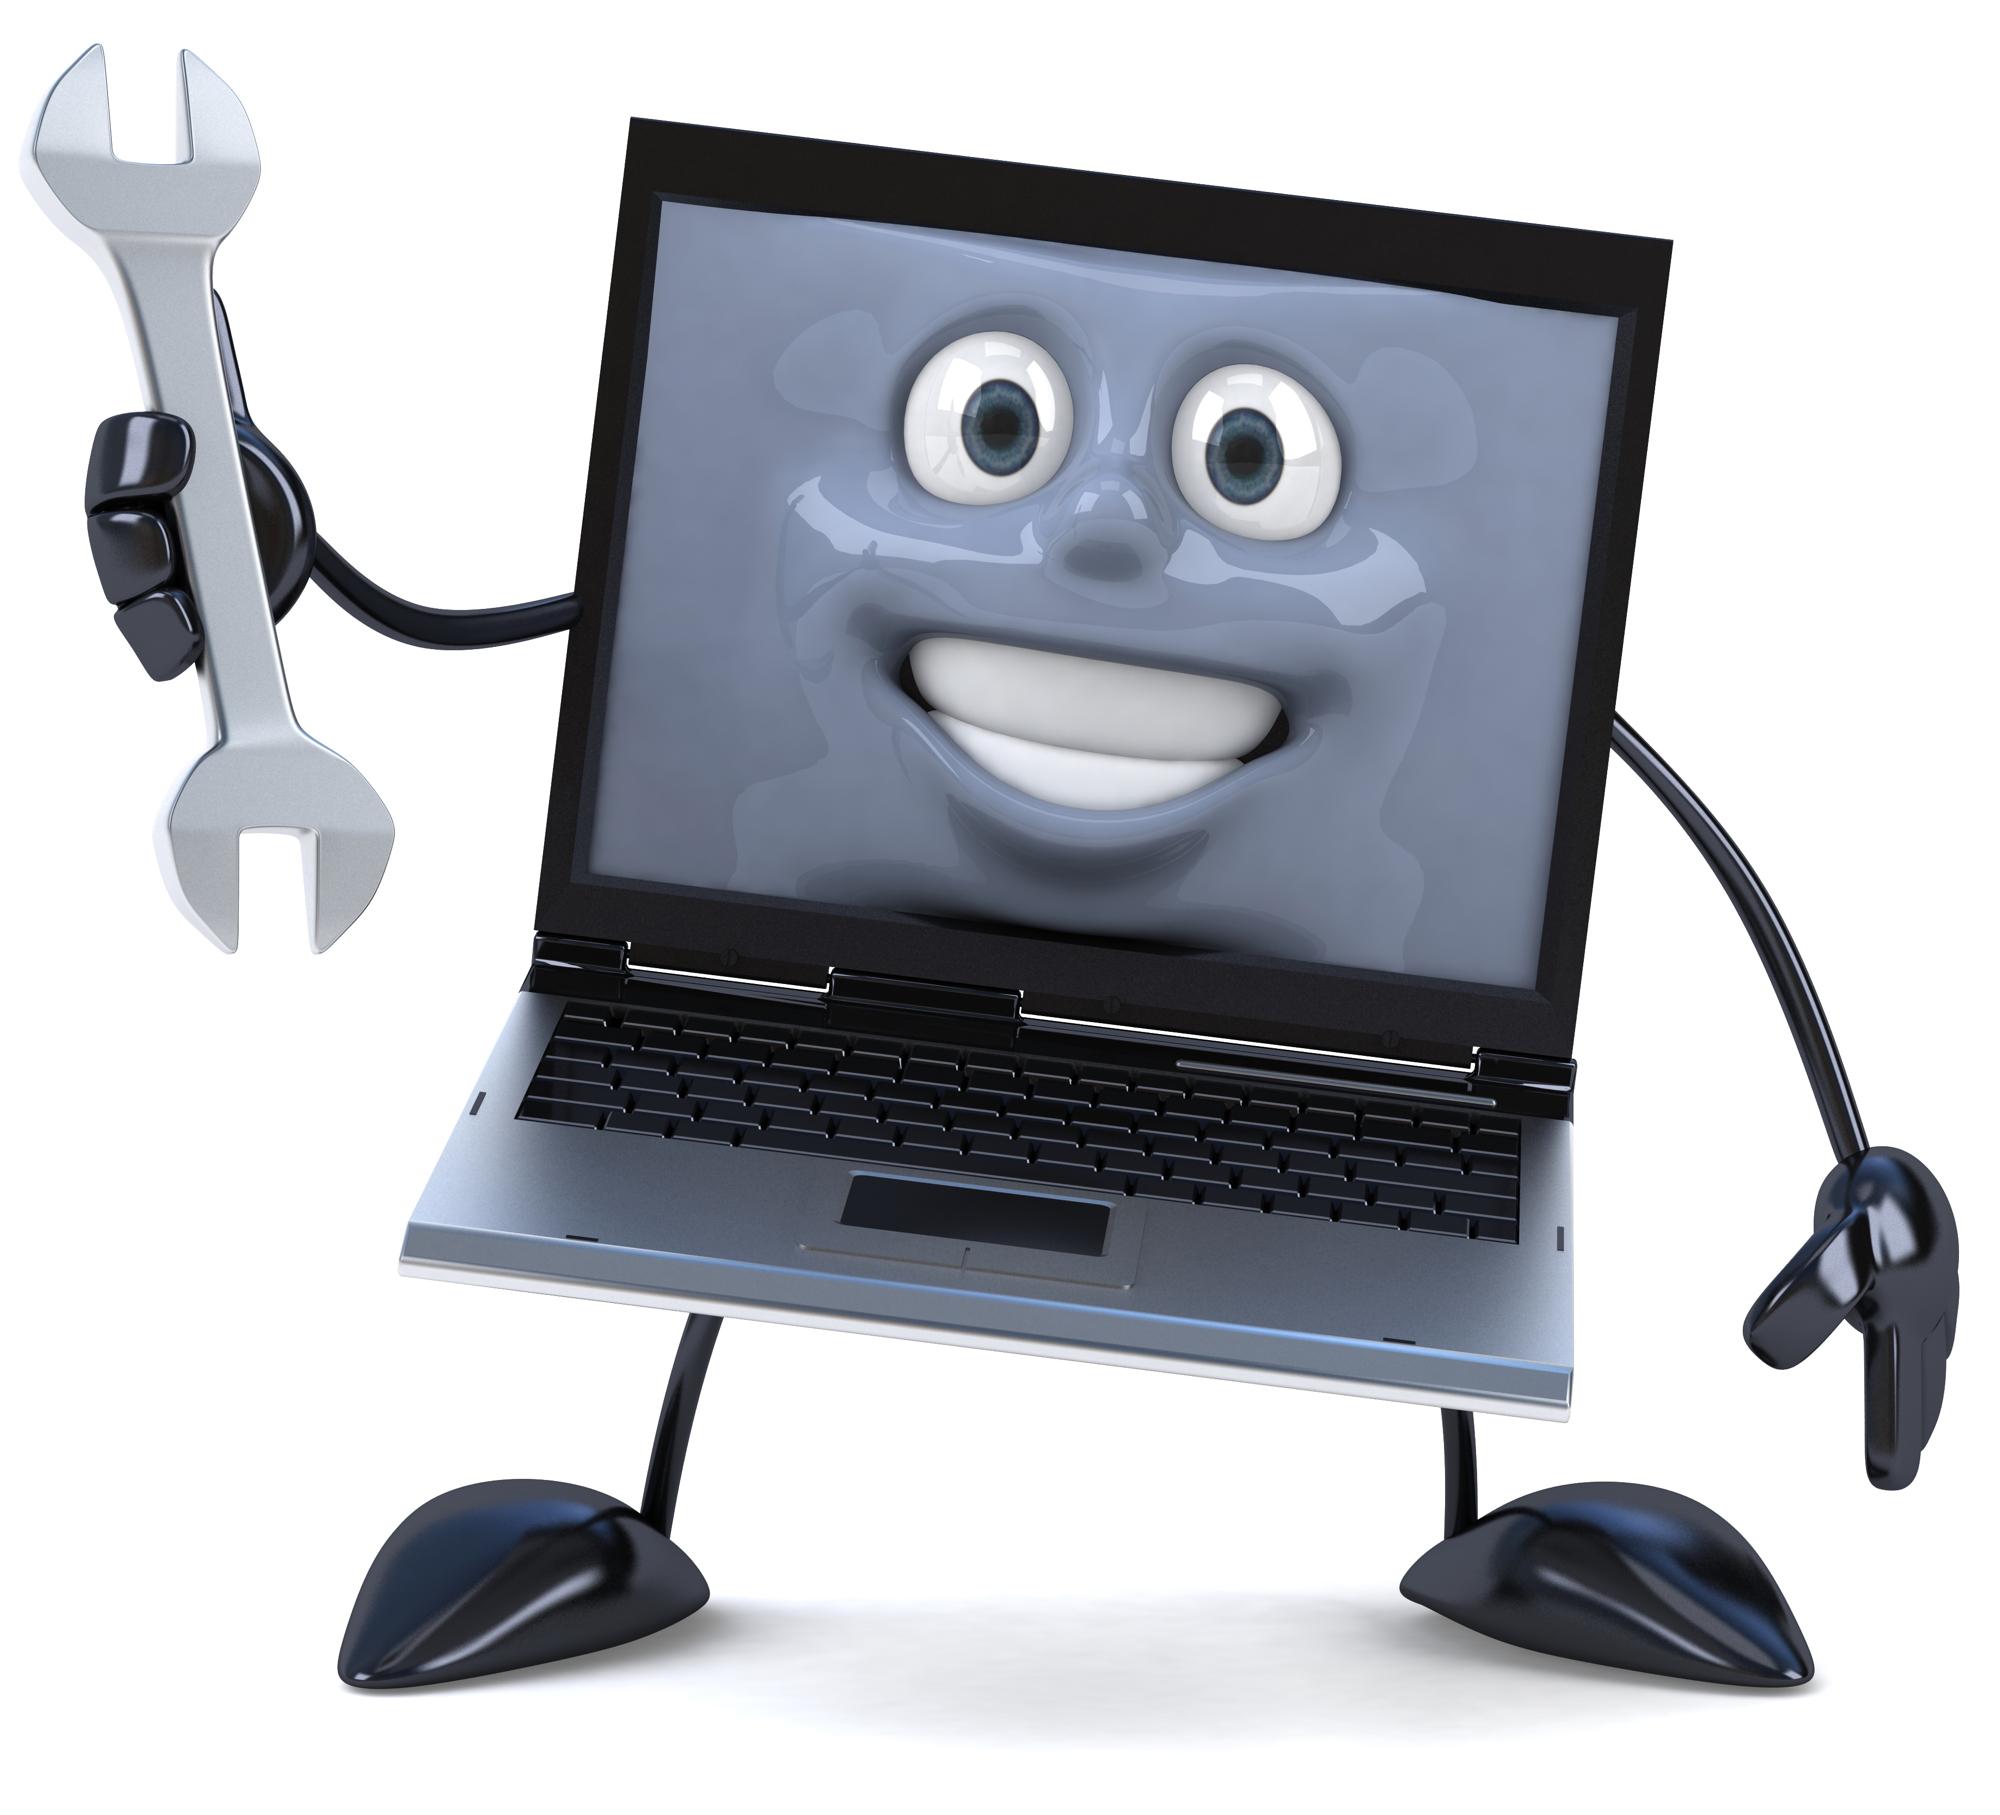 علت کندی کامپیوترتان چیست؟